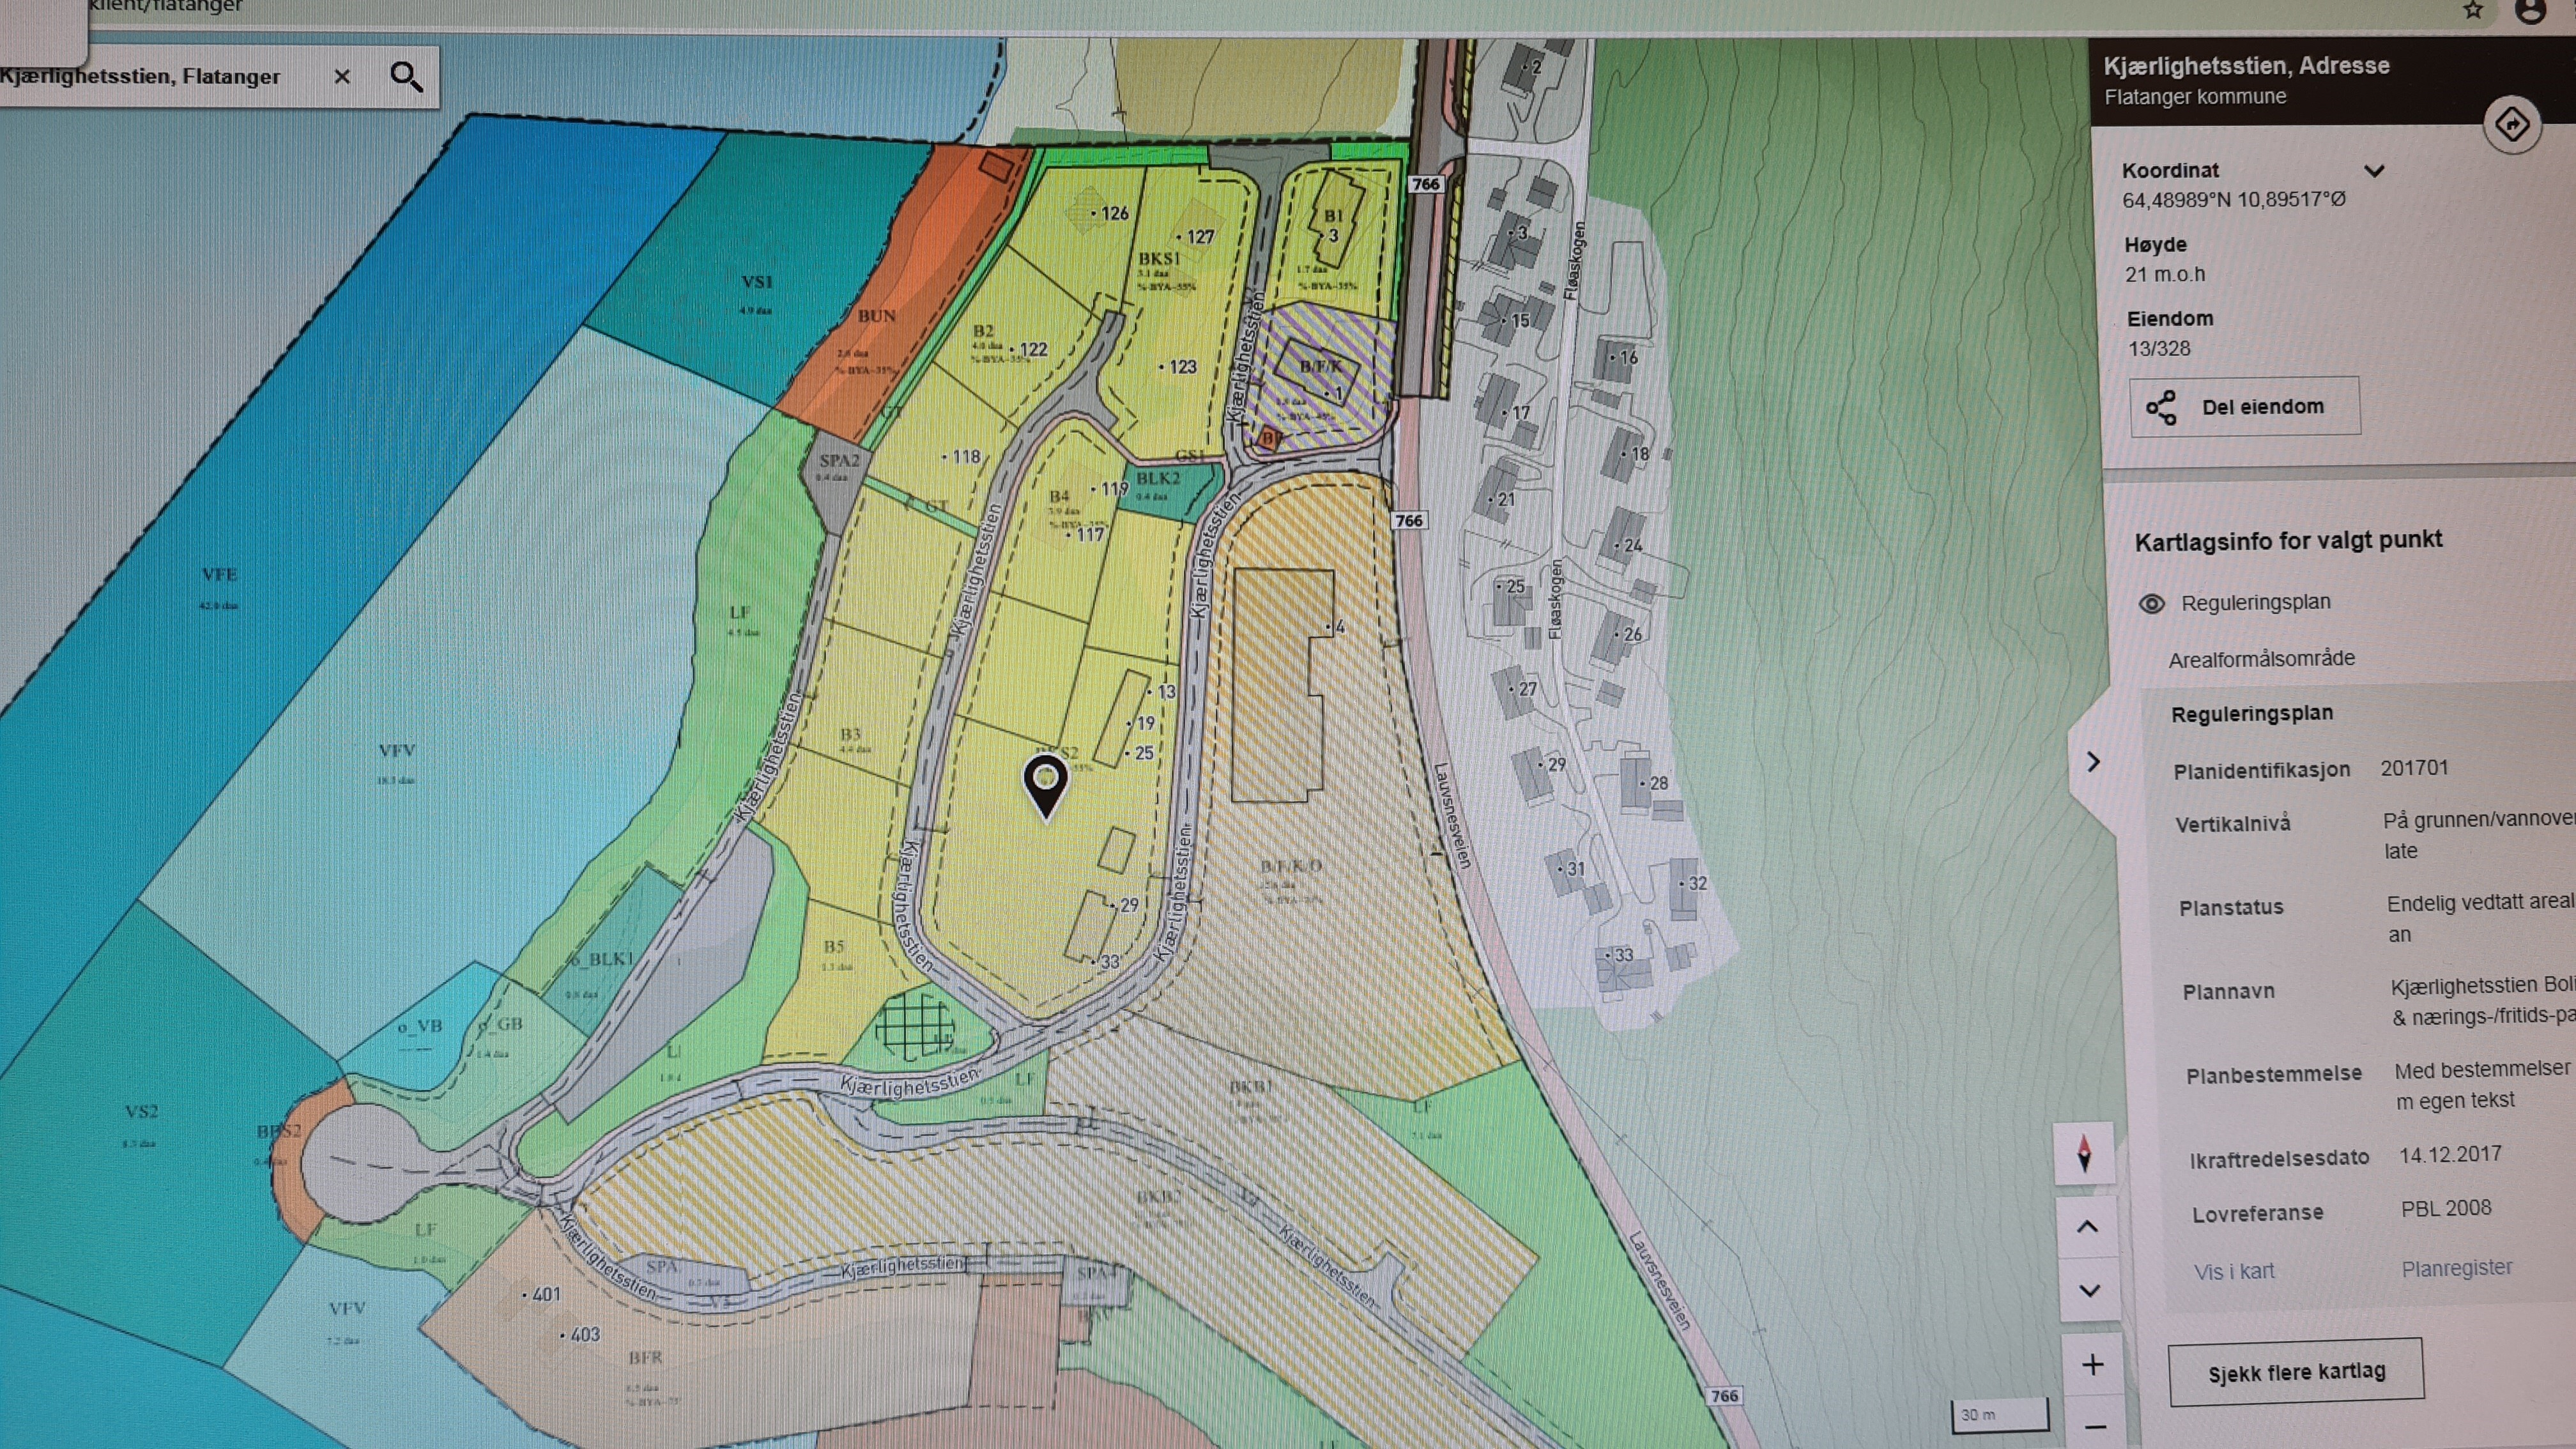 Kommunekart Flatanger.jpg